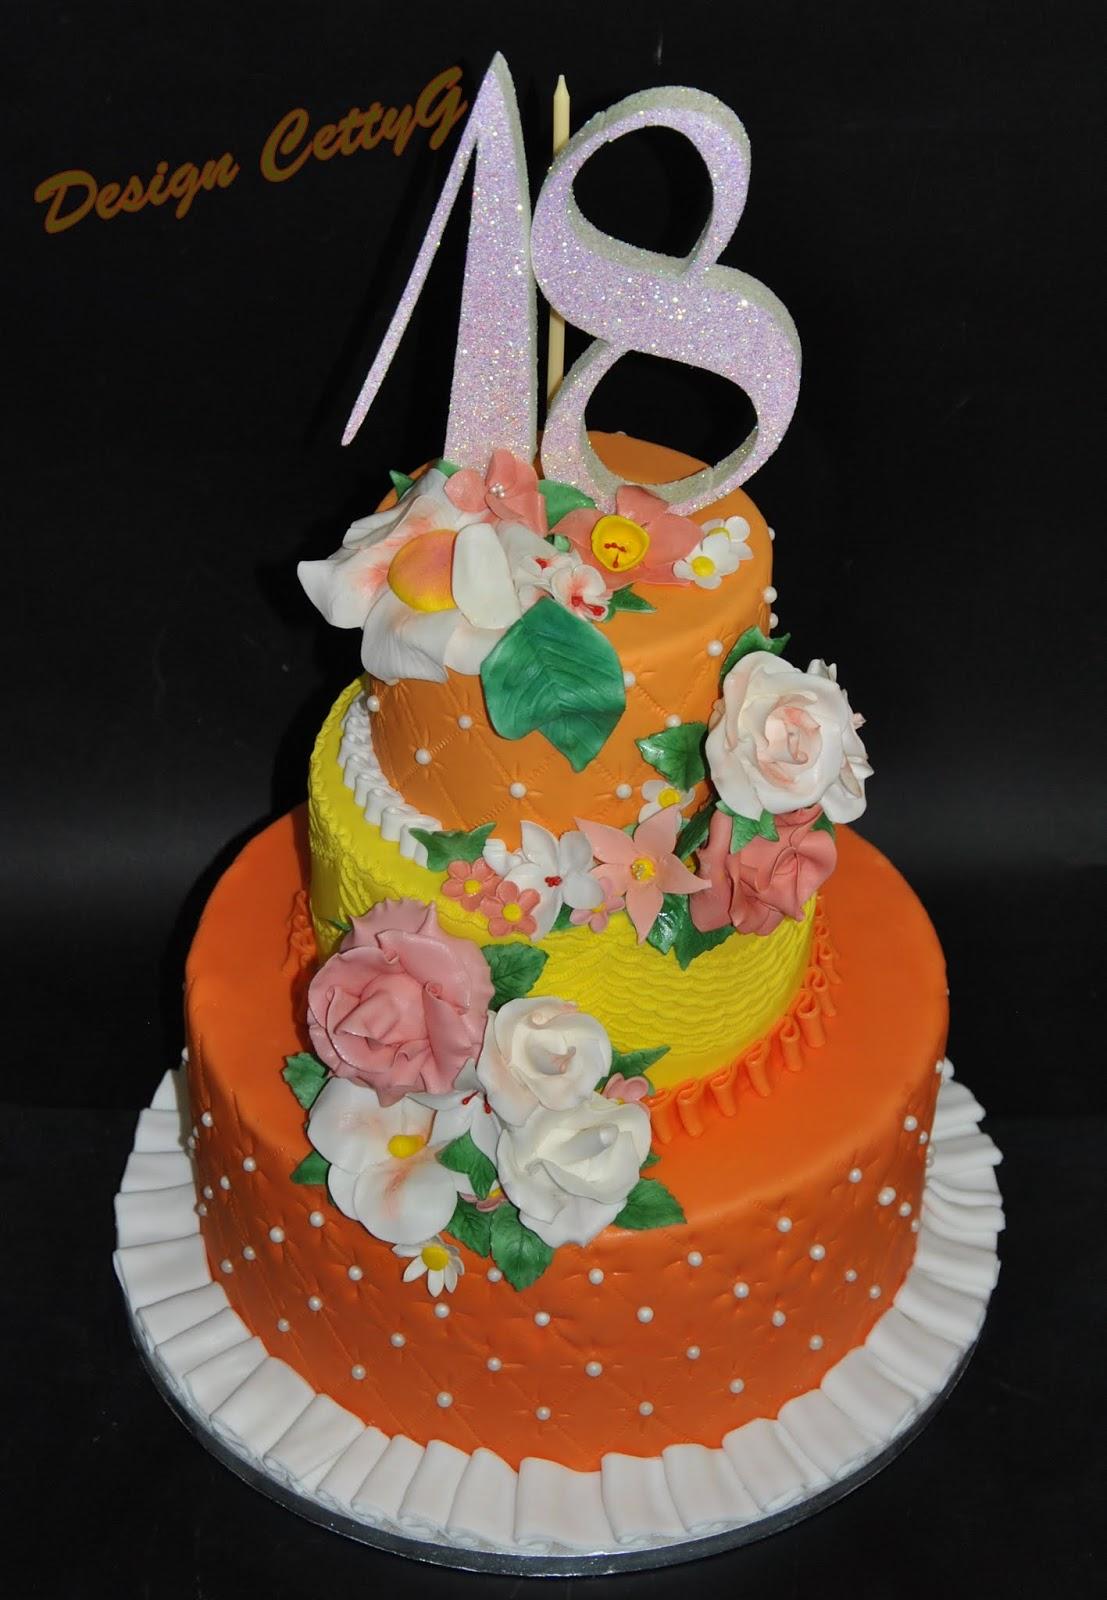 Immagini torte x i 18 anni immagini torte x i 18 anni le for Torte per 18 anni maschile